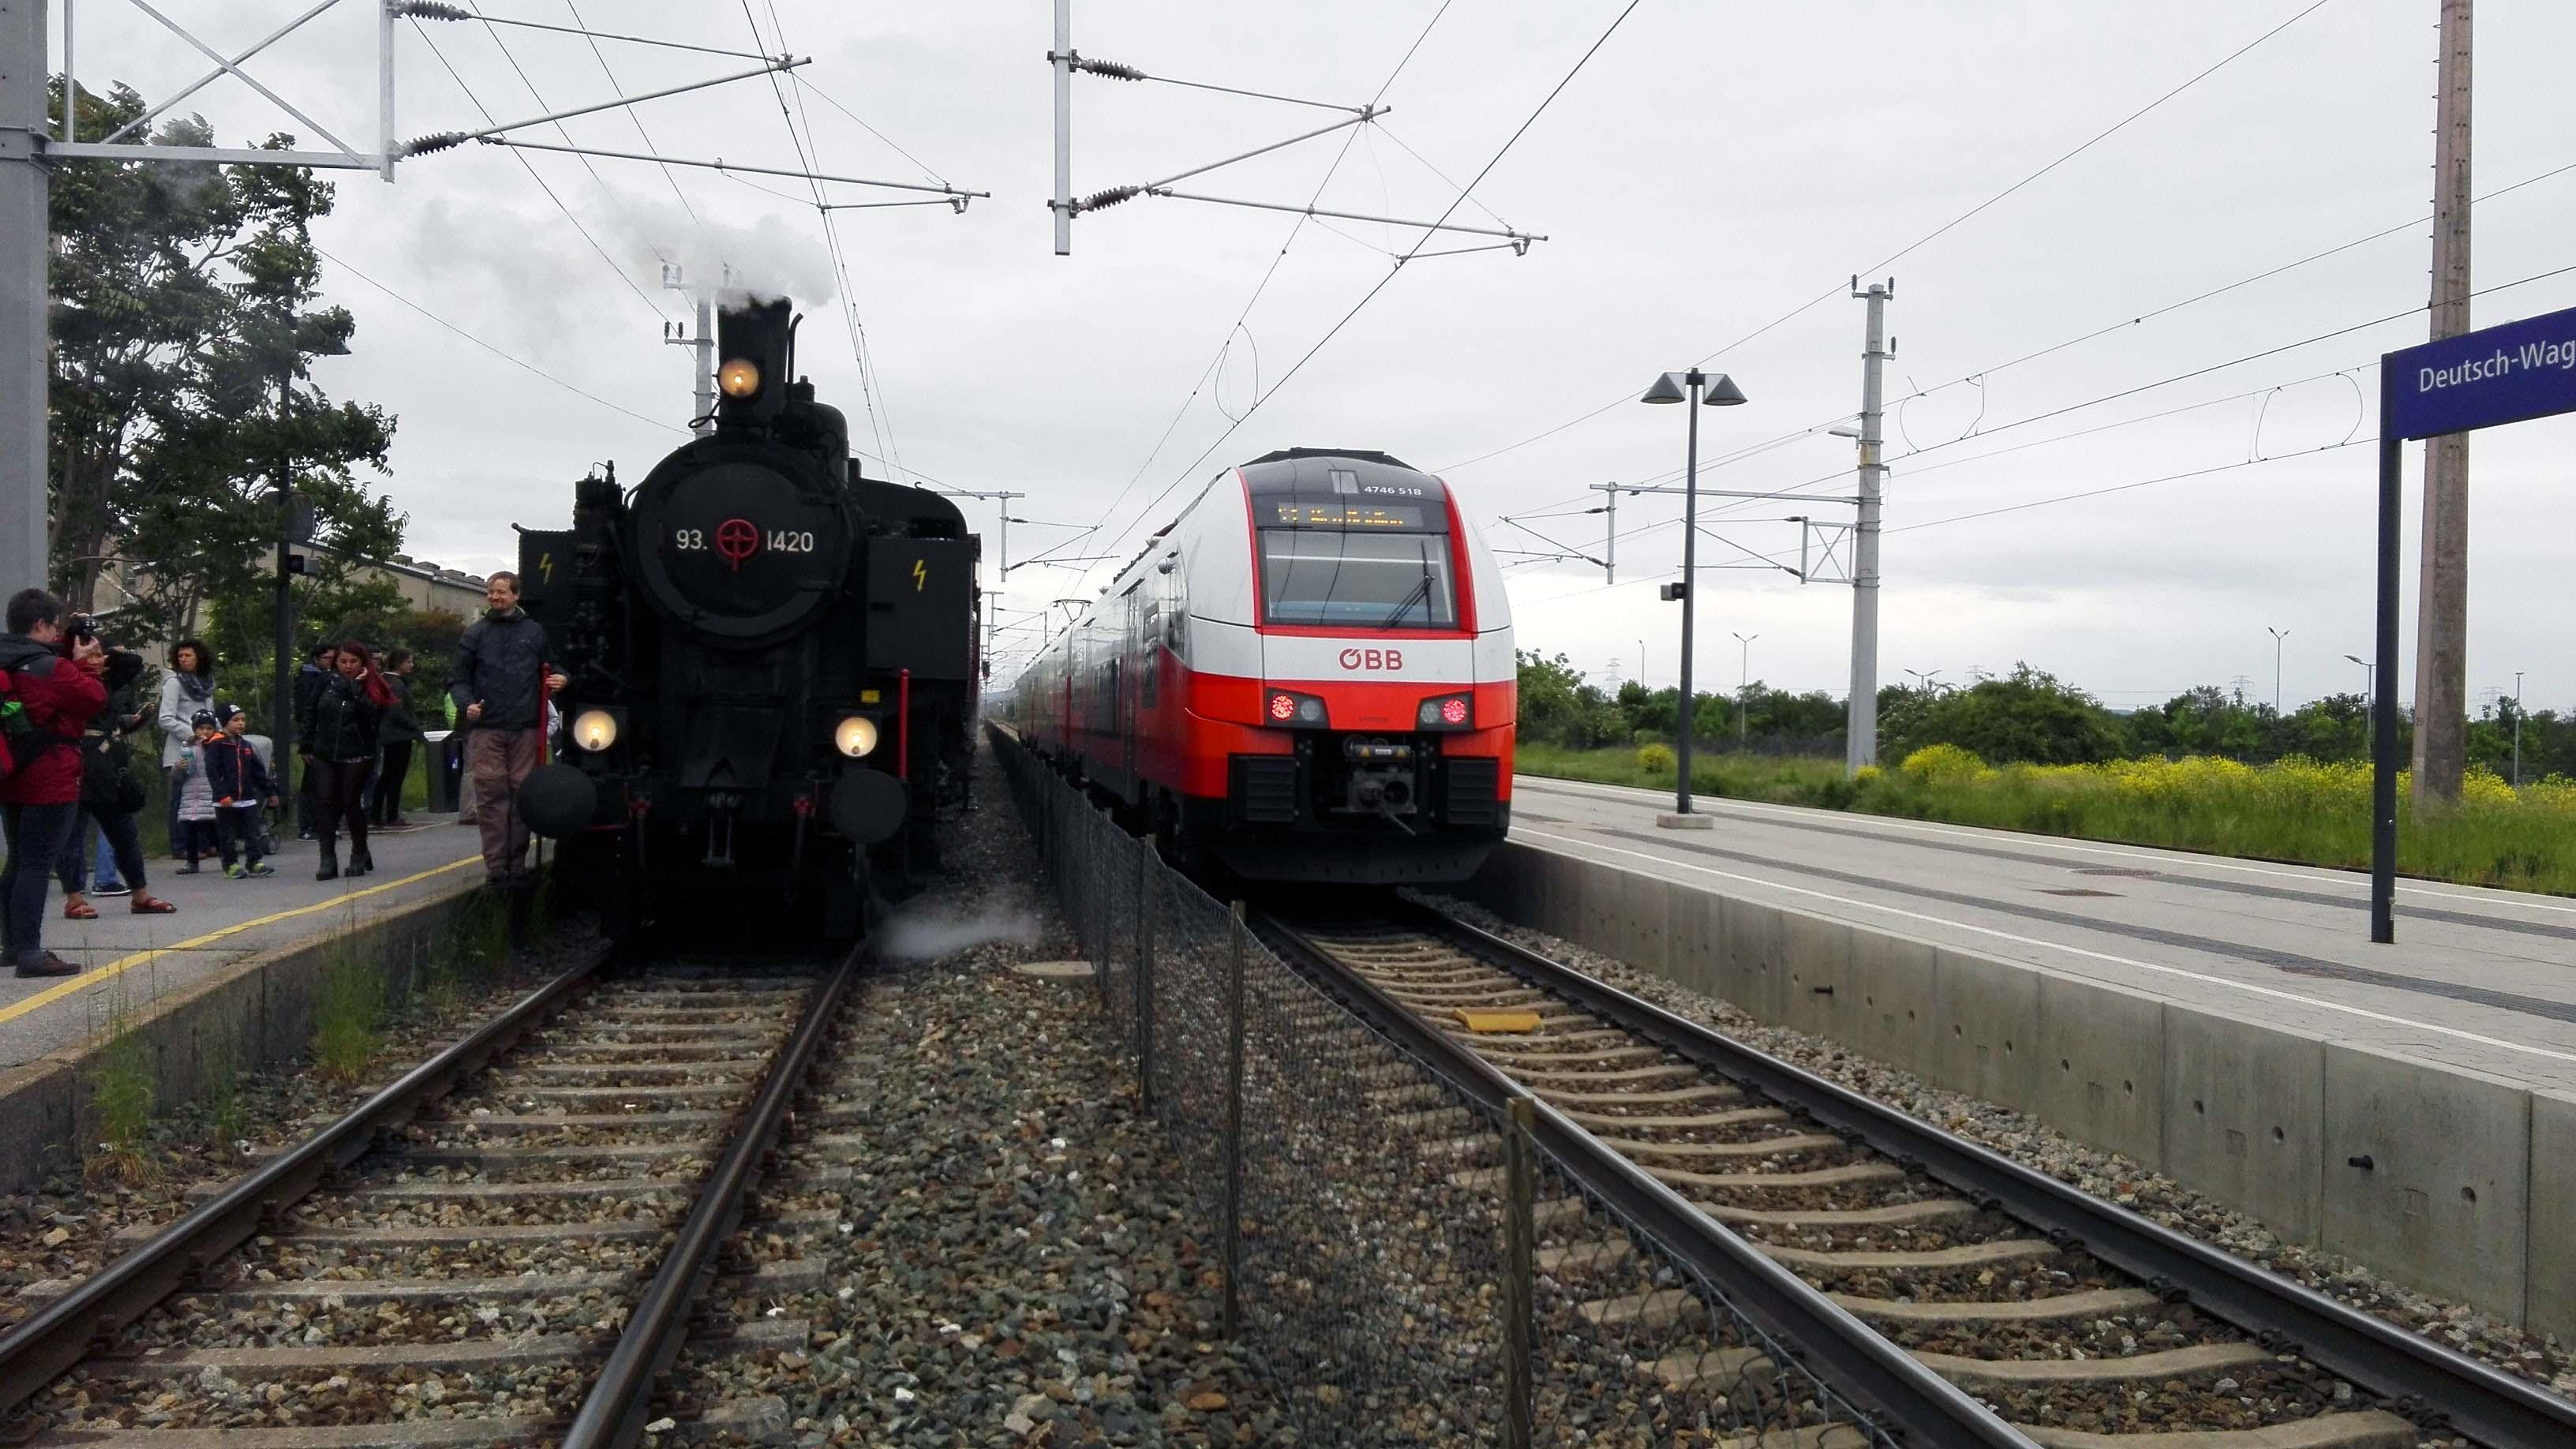 180JahreEisenbahn20.05.17 (2)